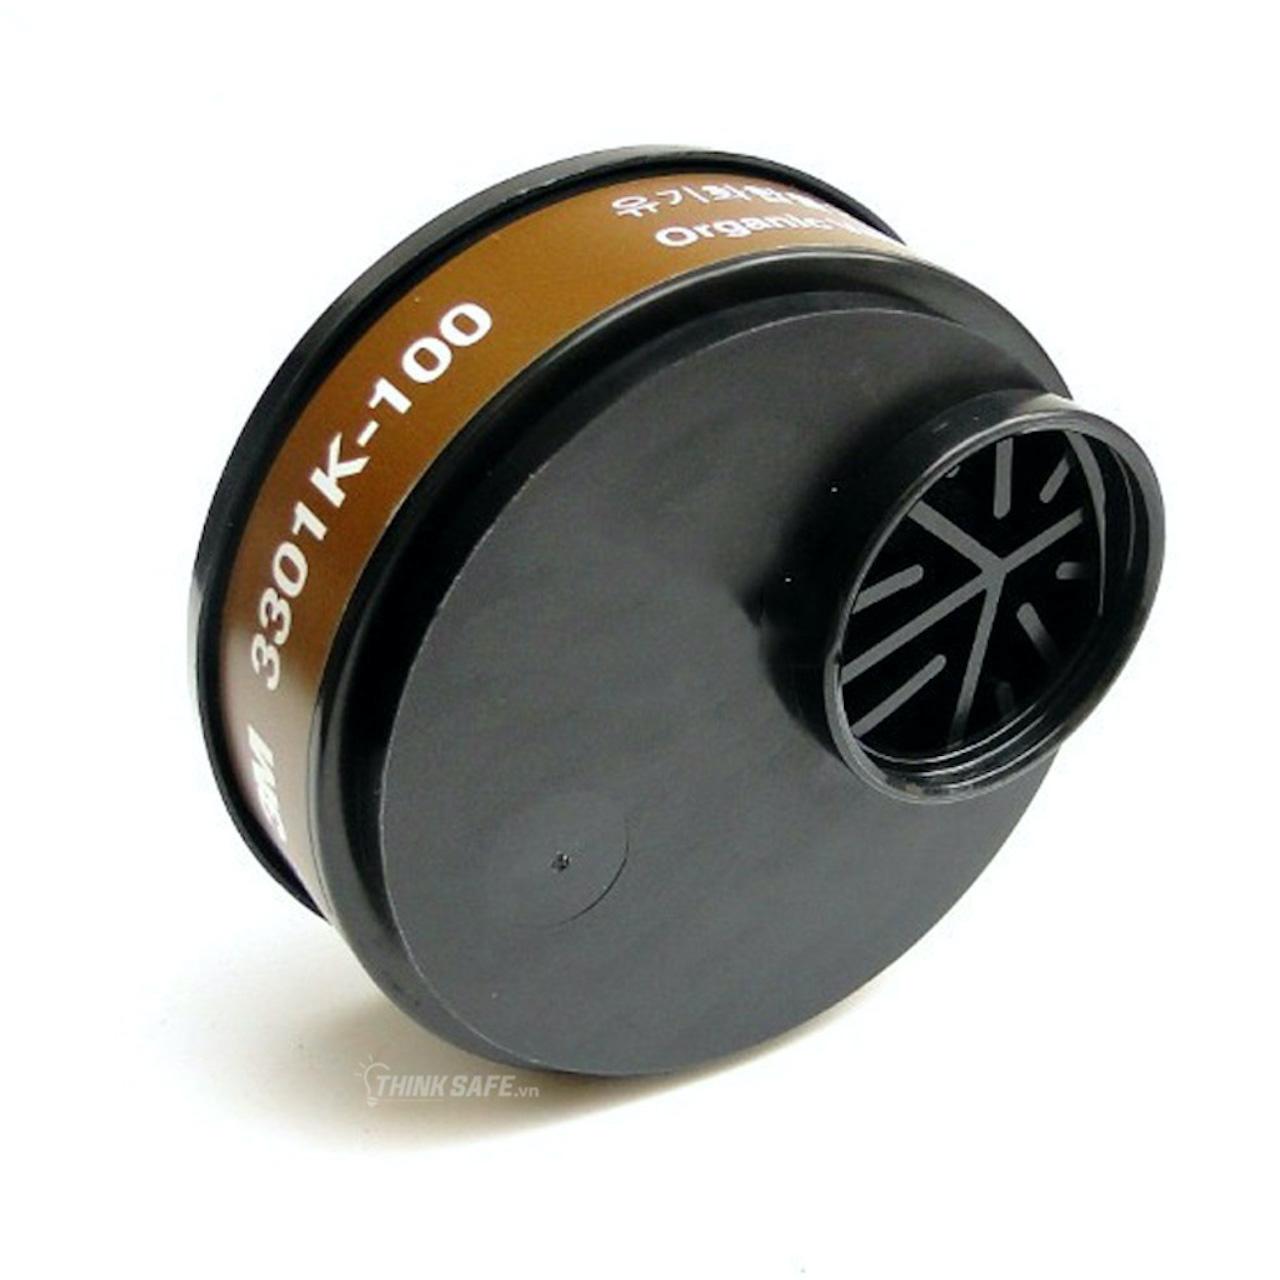 Phin lọc 3M 3301K chính hãng lọc bụi, môi trường ô nhiễm, hơi hữu cơ thường sử dụng cho mặt nạ phòng độc 3M 3200, Hf52